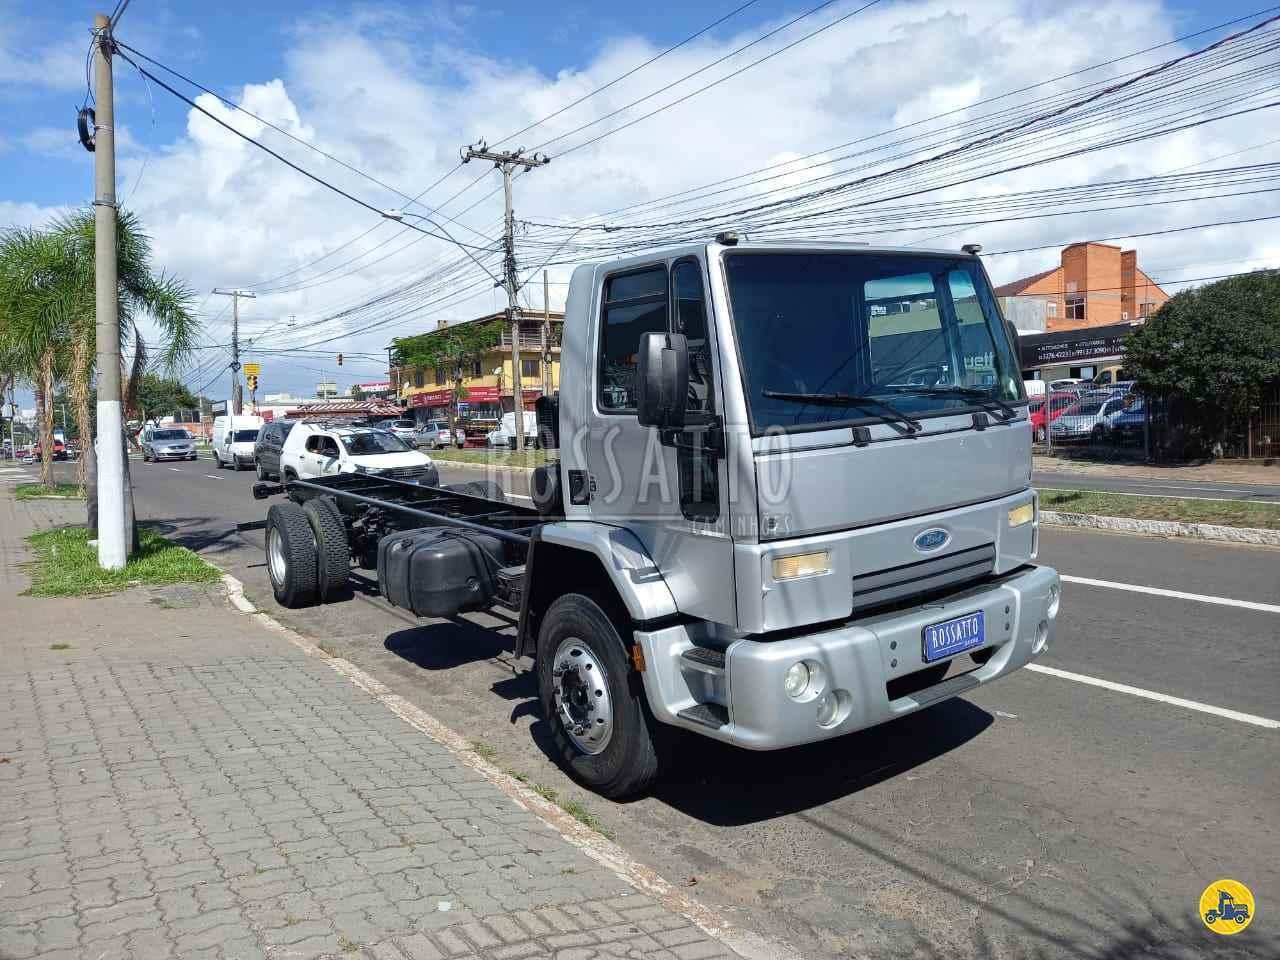 CAMINHAO FORD CARGO 1517 Chassis Toco 4x2 Rossatto Caminhões PORTO ALEGRE RIO GRANDE DO SUL RS